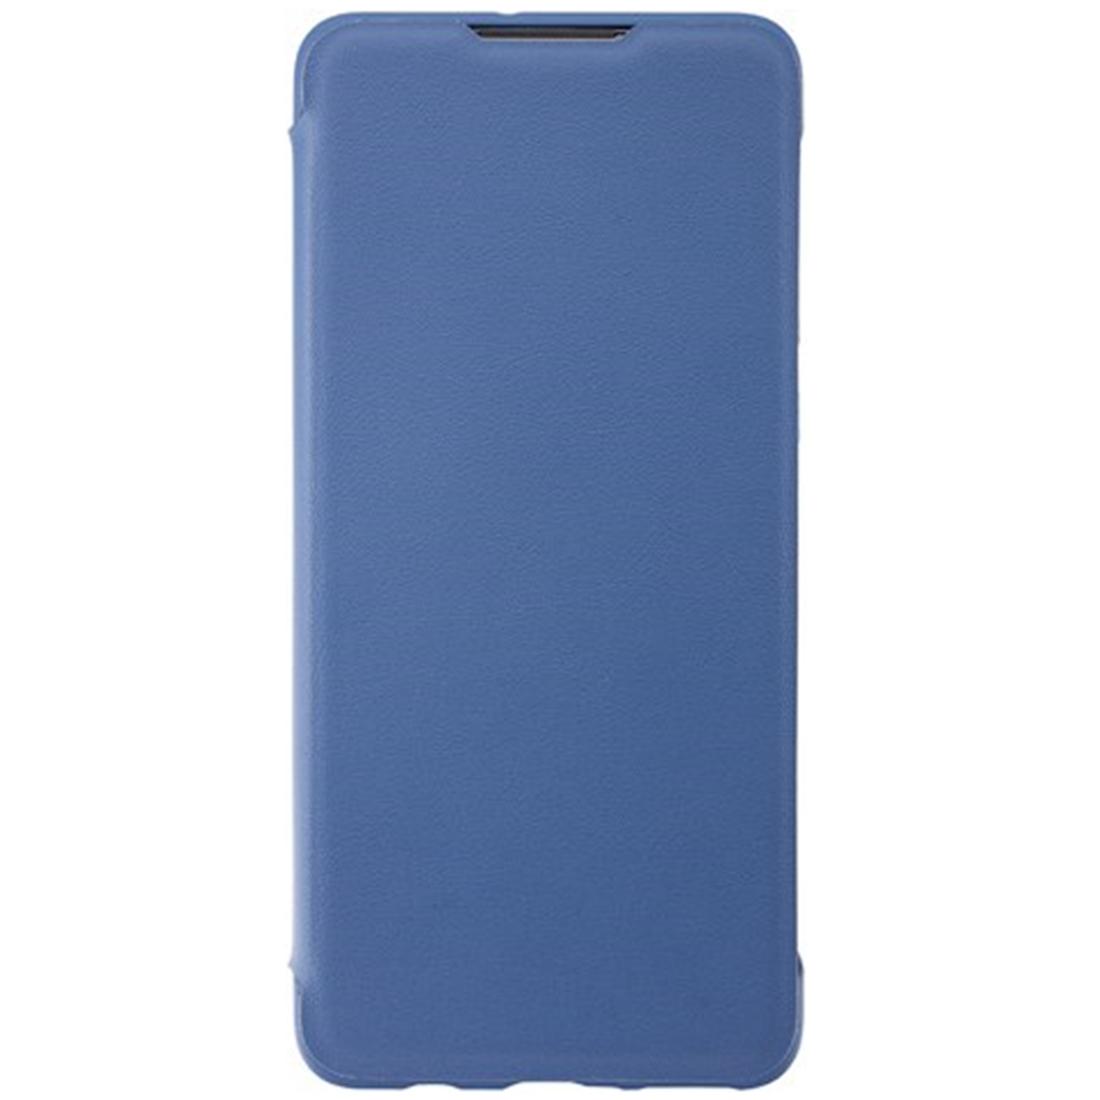 Husa Huawei Flip Wallet Cover pentru Huawei P30 Lite Blue